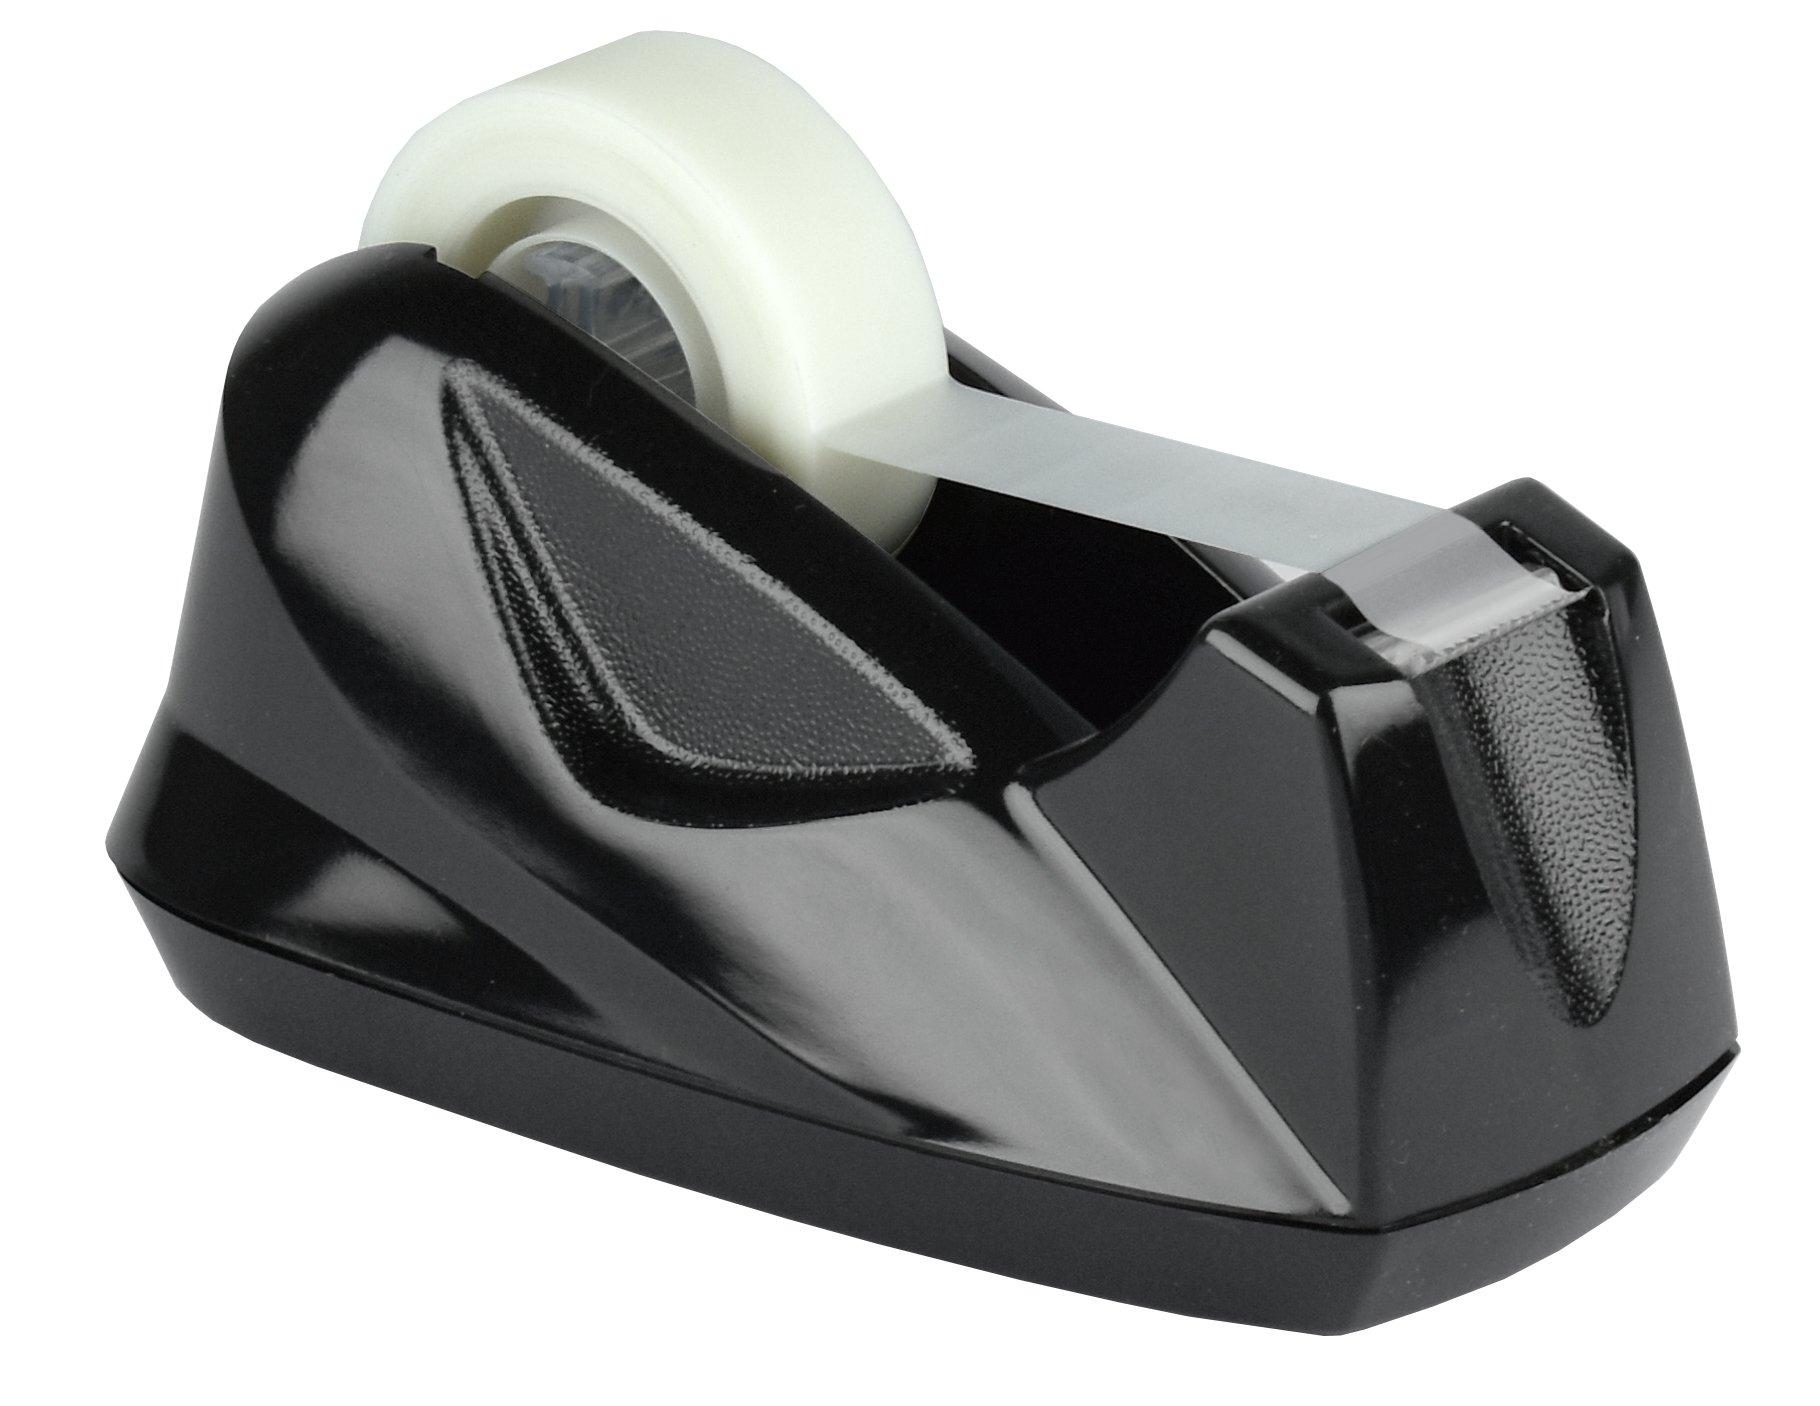 Acrimet Premium Tape Dispenser (Black Color)